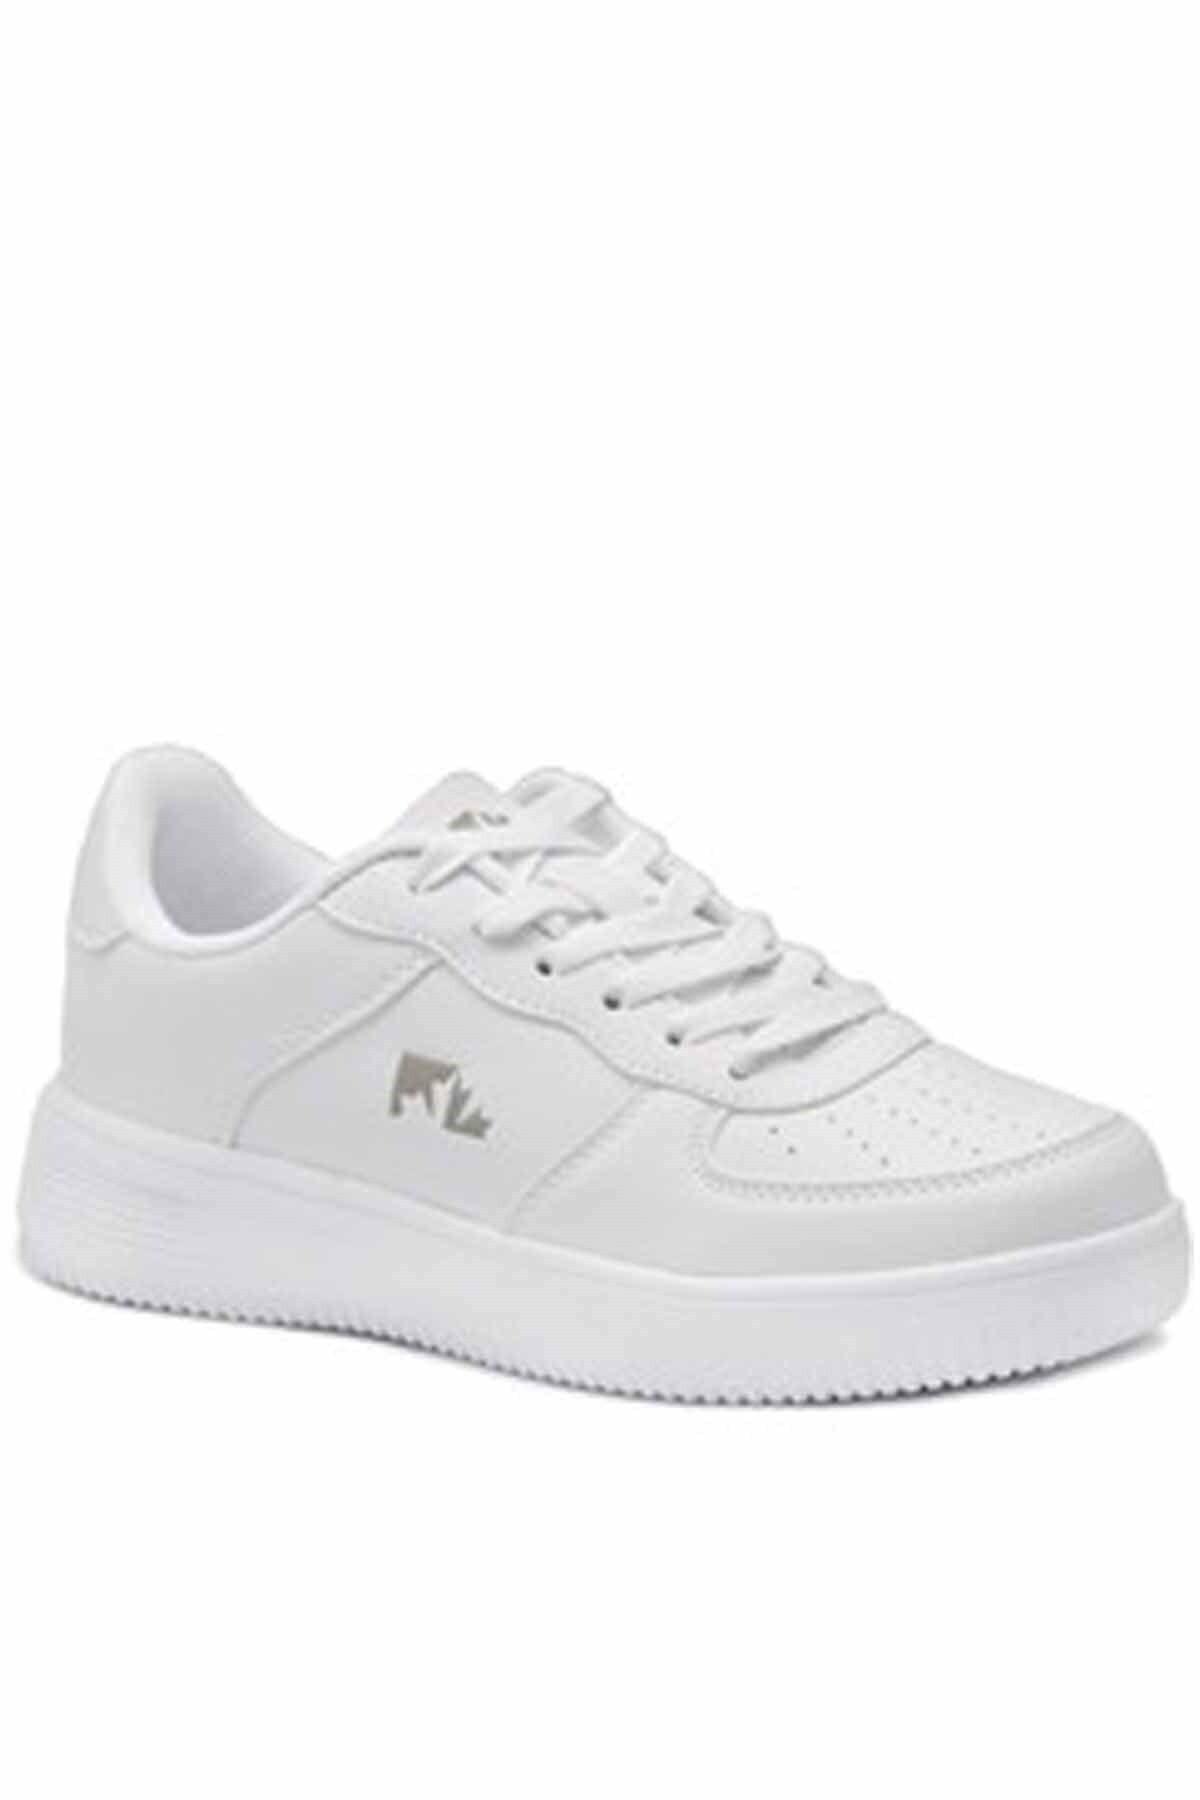 lumberjack Kadın Beyaz Günlük Ayakkabı 100416477 1